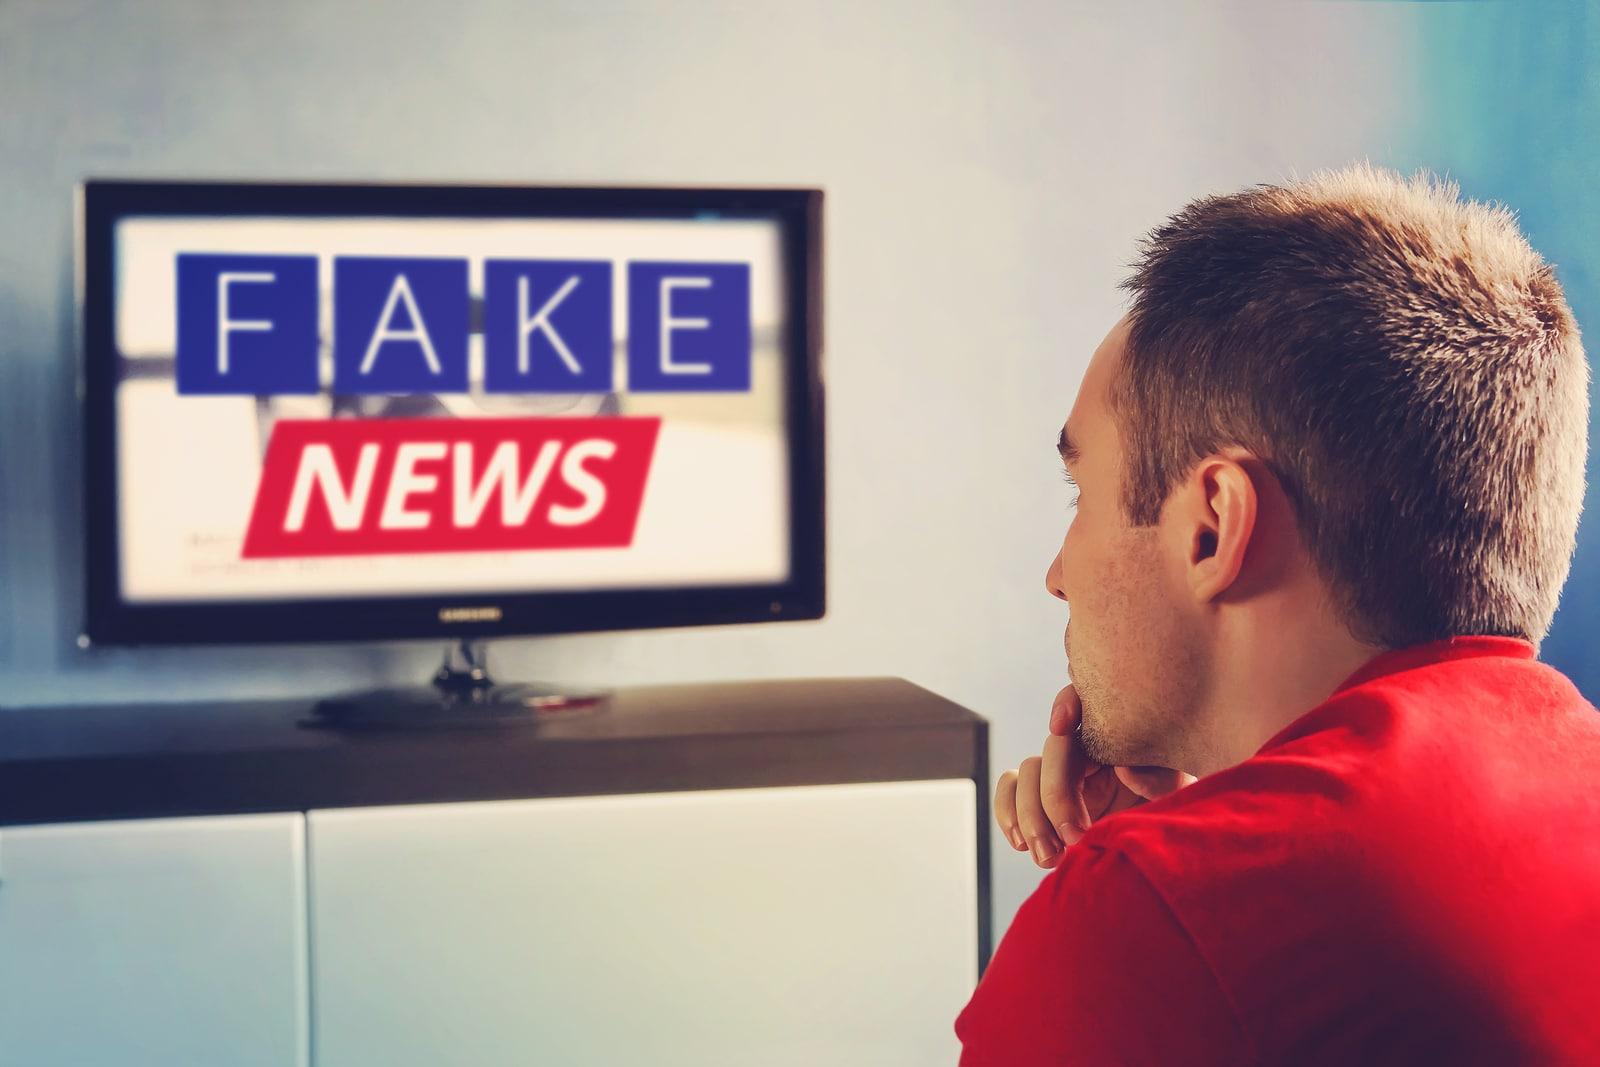 IN MEDIA WE TRUST